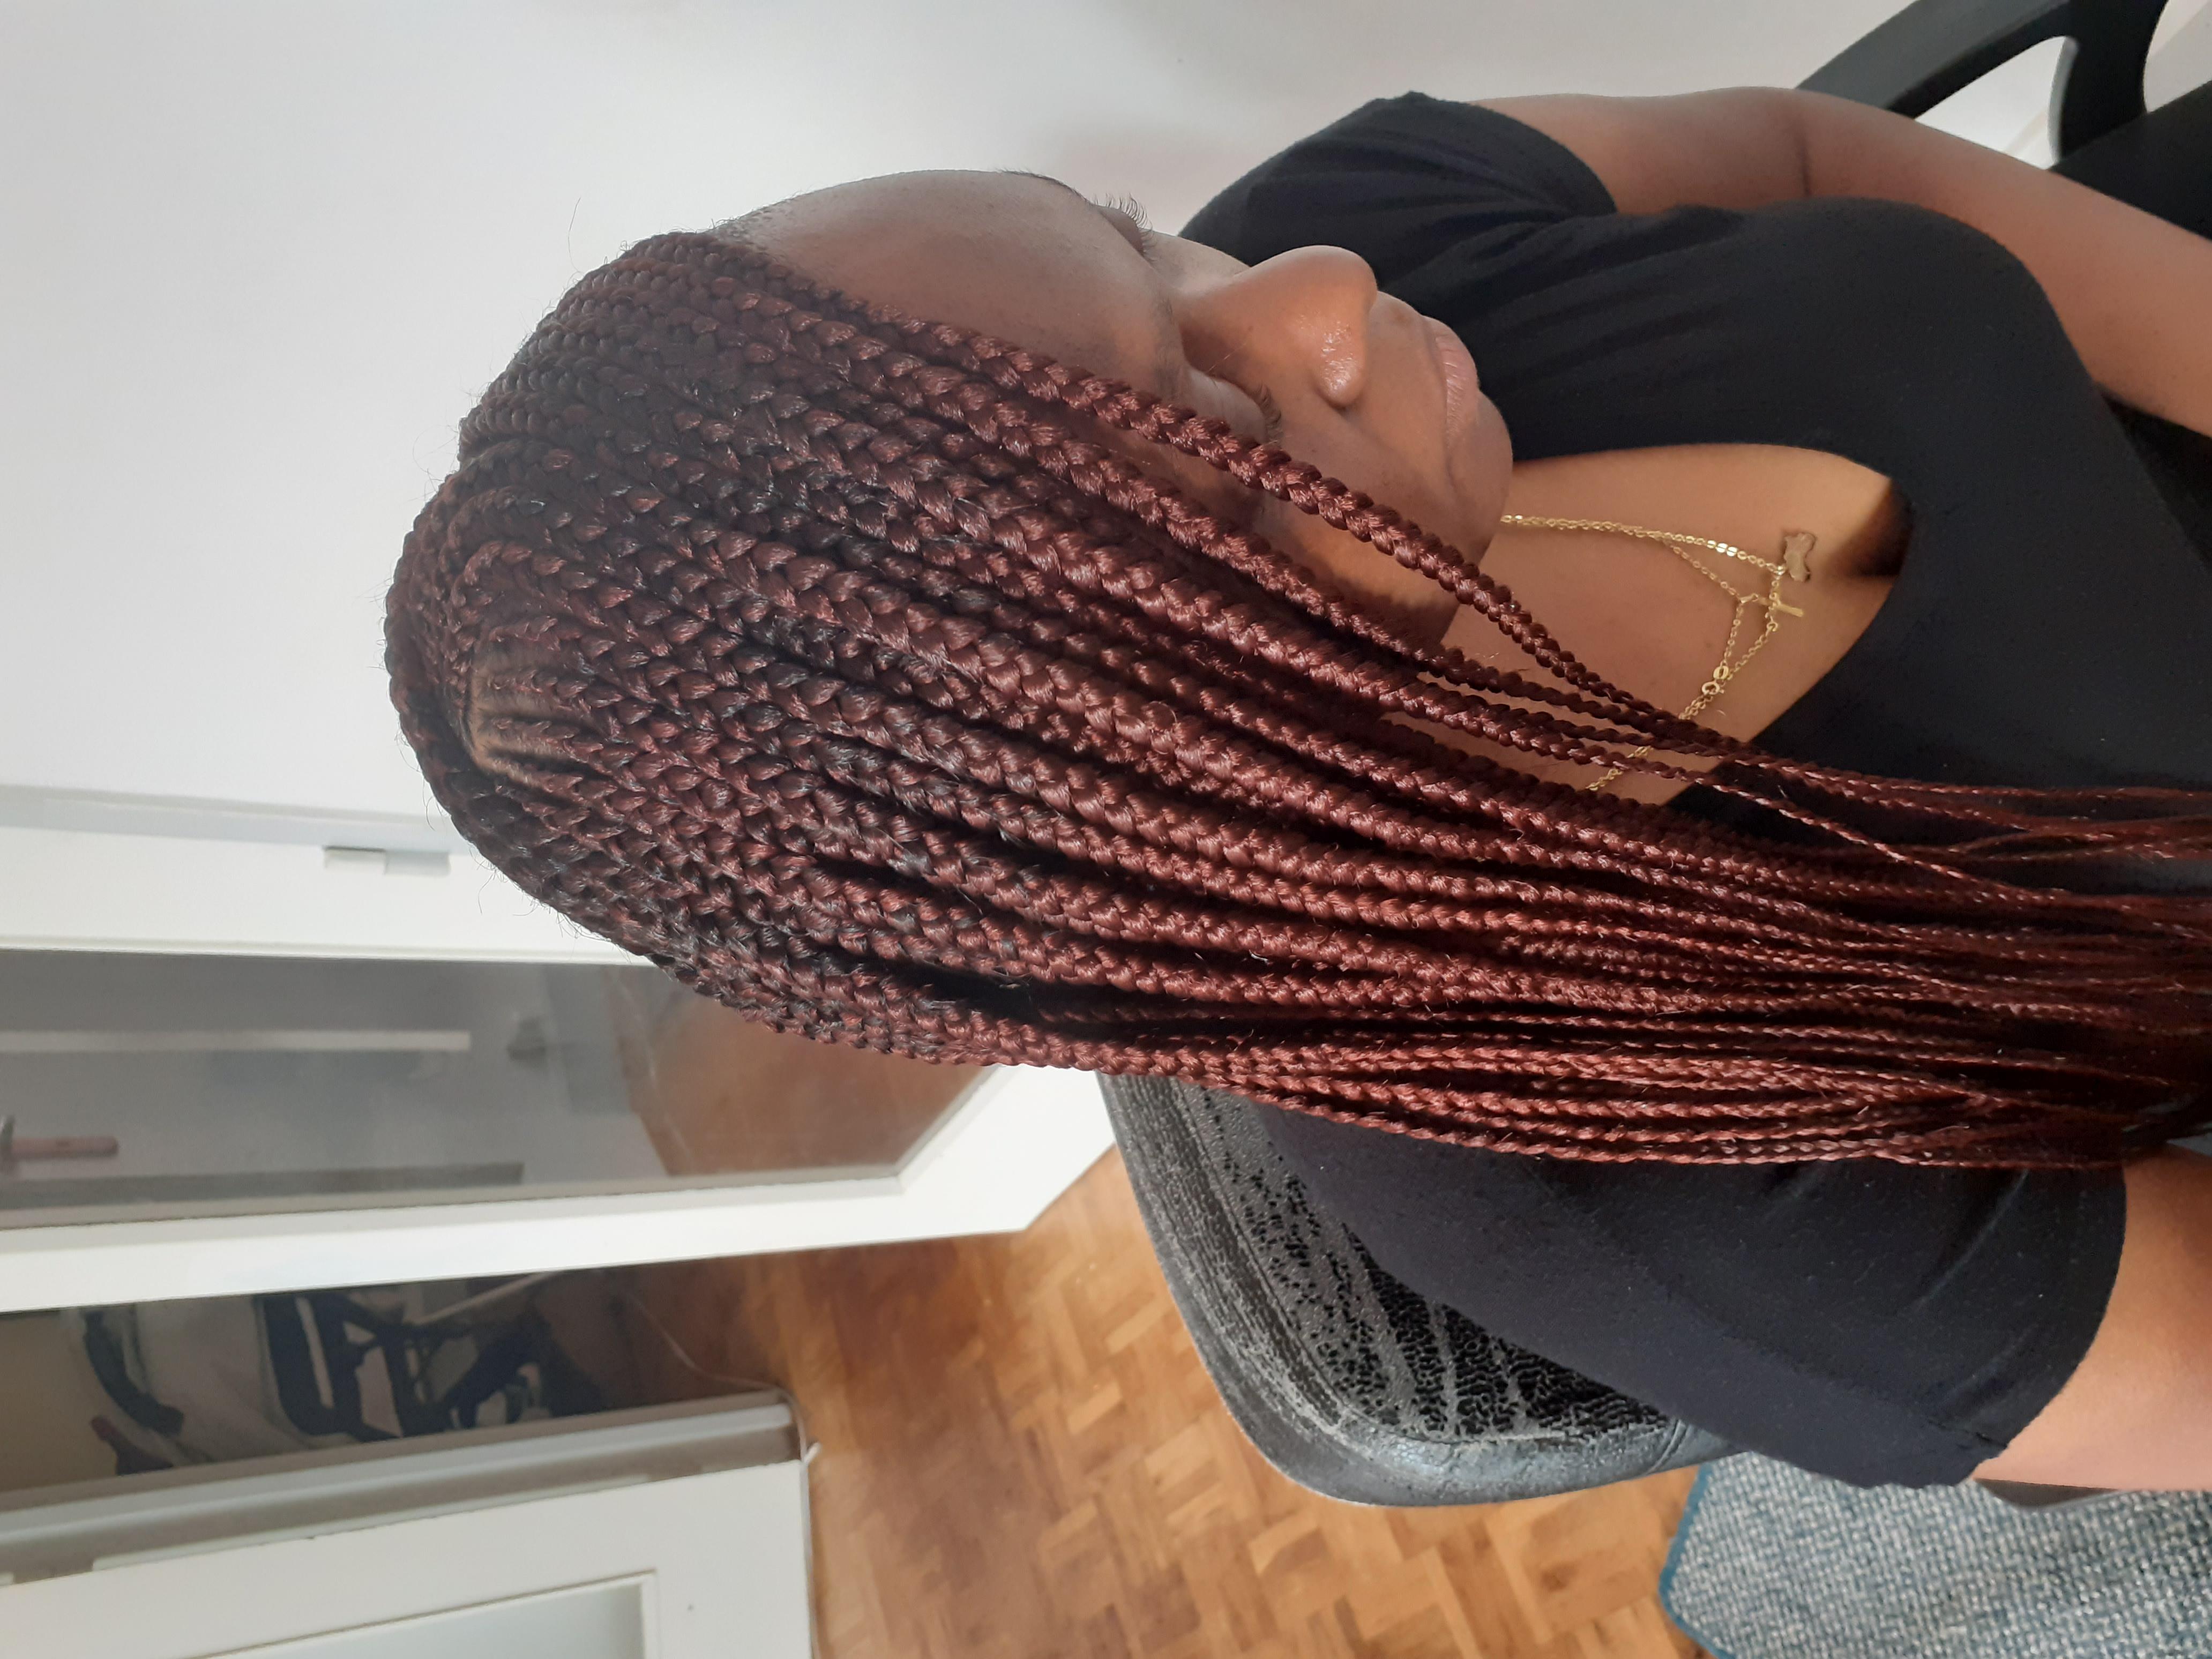 salon de coiffure afro tresse tresses box braids crochet braids vanilles tissages paris 75 77 78 91 92 93 94 95 HFIBMSFV